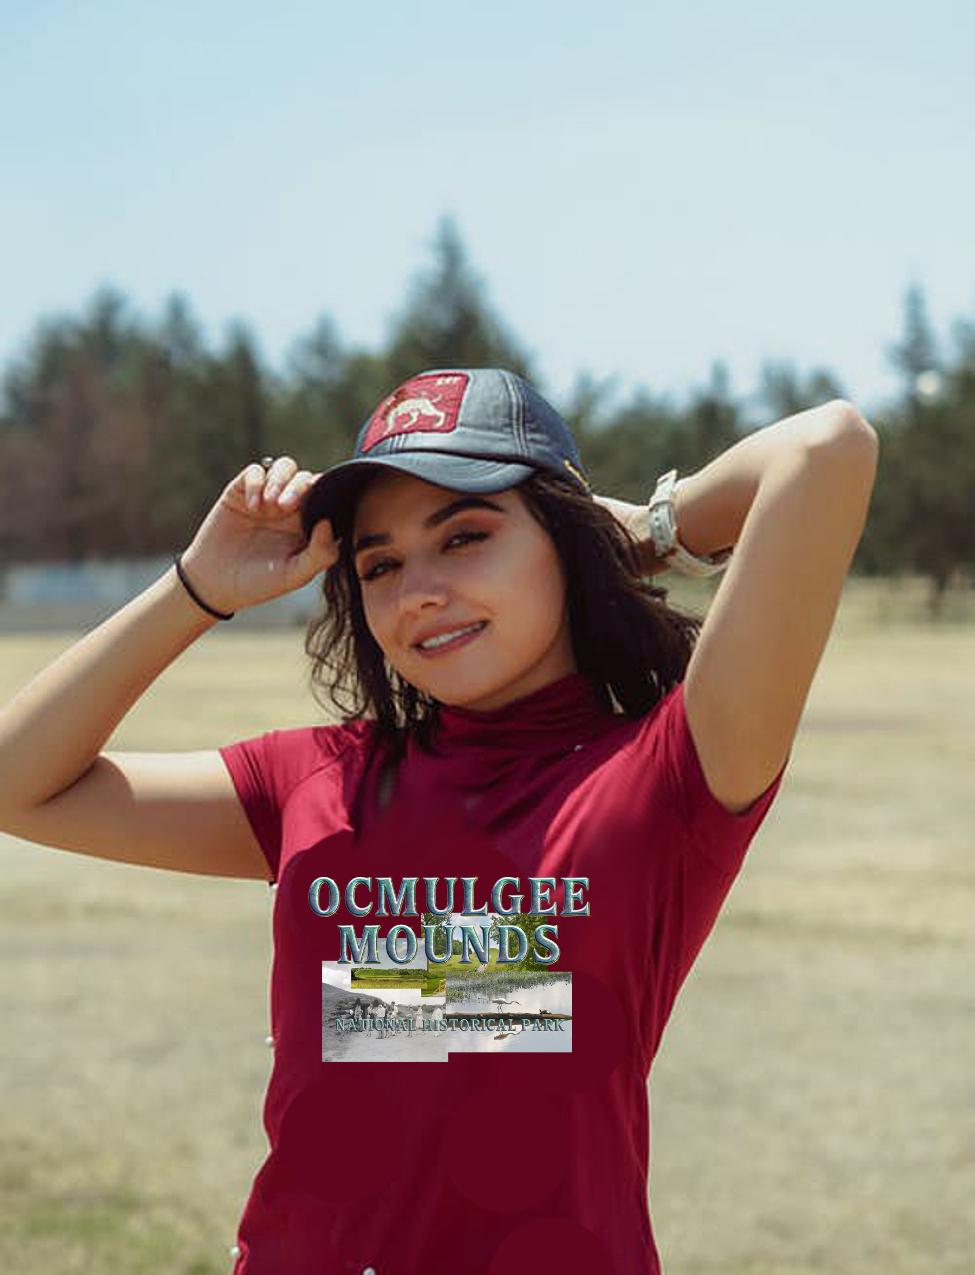 Ocmulgee Mounds T-Shirt